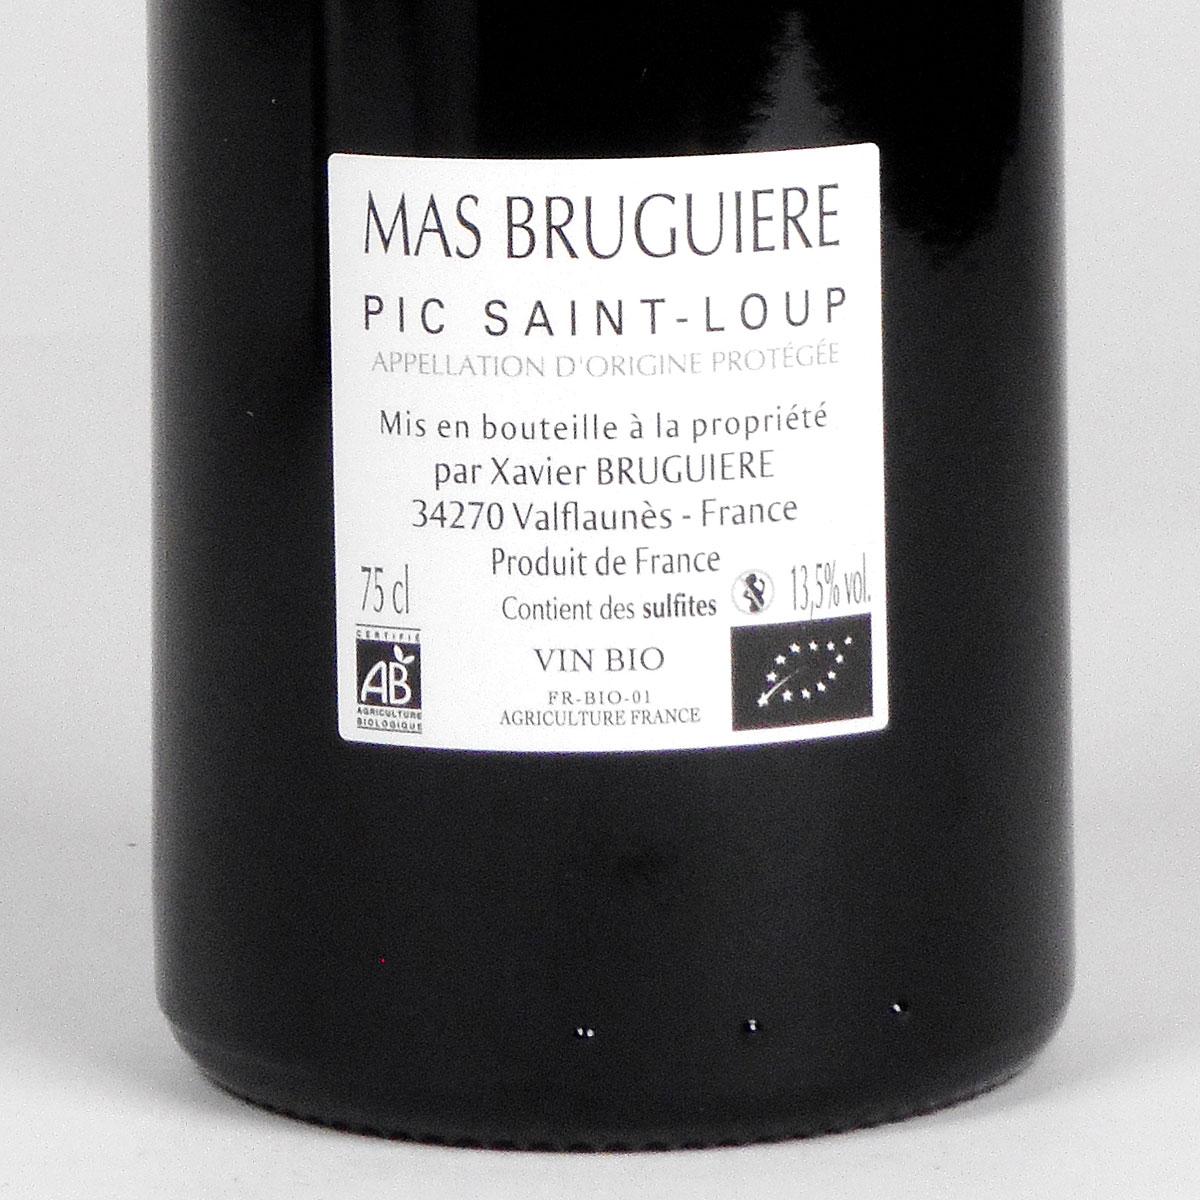 Pic Saint-Loup: Mas Bruguière 'l'Arbouse' 2018 - Wine Bottle Rear Label